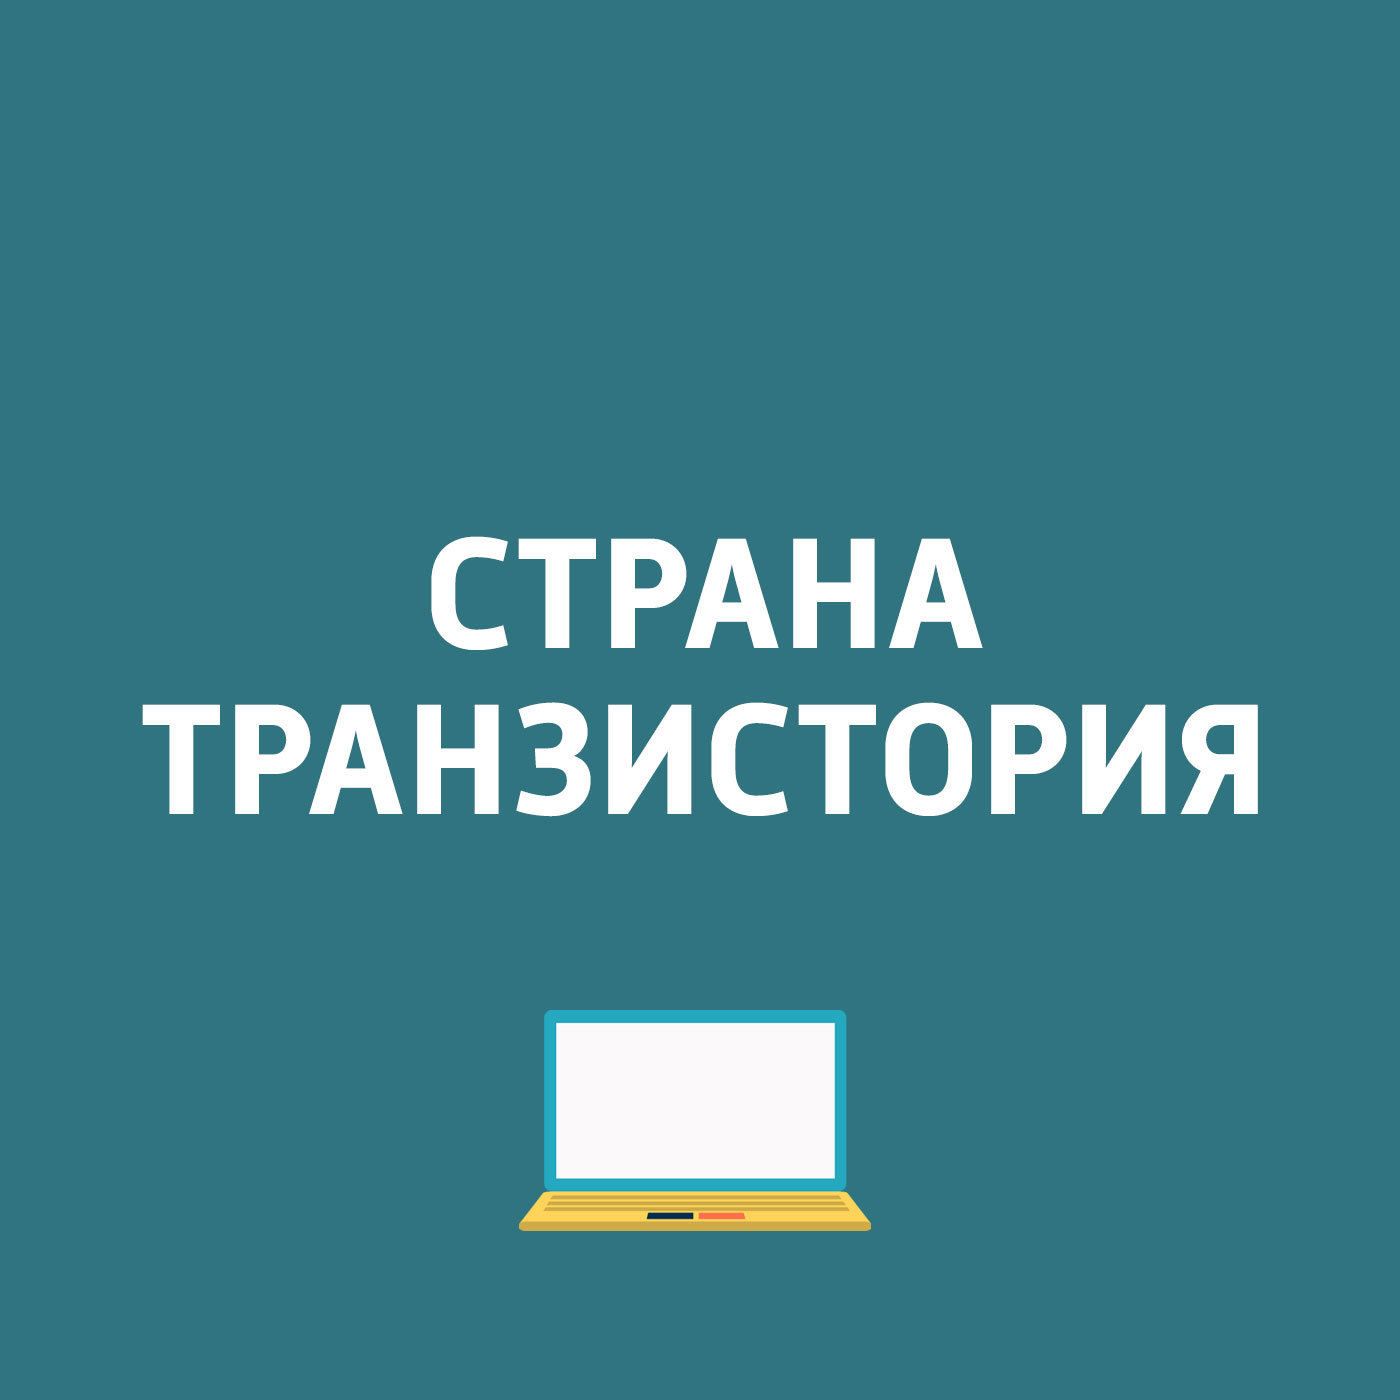 Картаев Павел Надоедливое Prisma; Цукерберг заклеивает веб-камеру; «Твиттер увеличил видео... включить веб камеру на ноутбуке